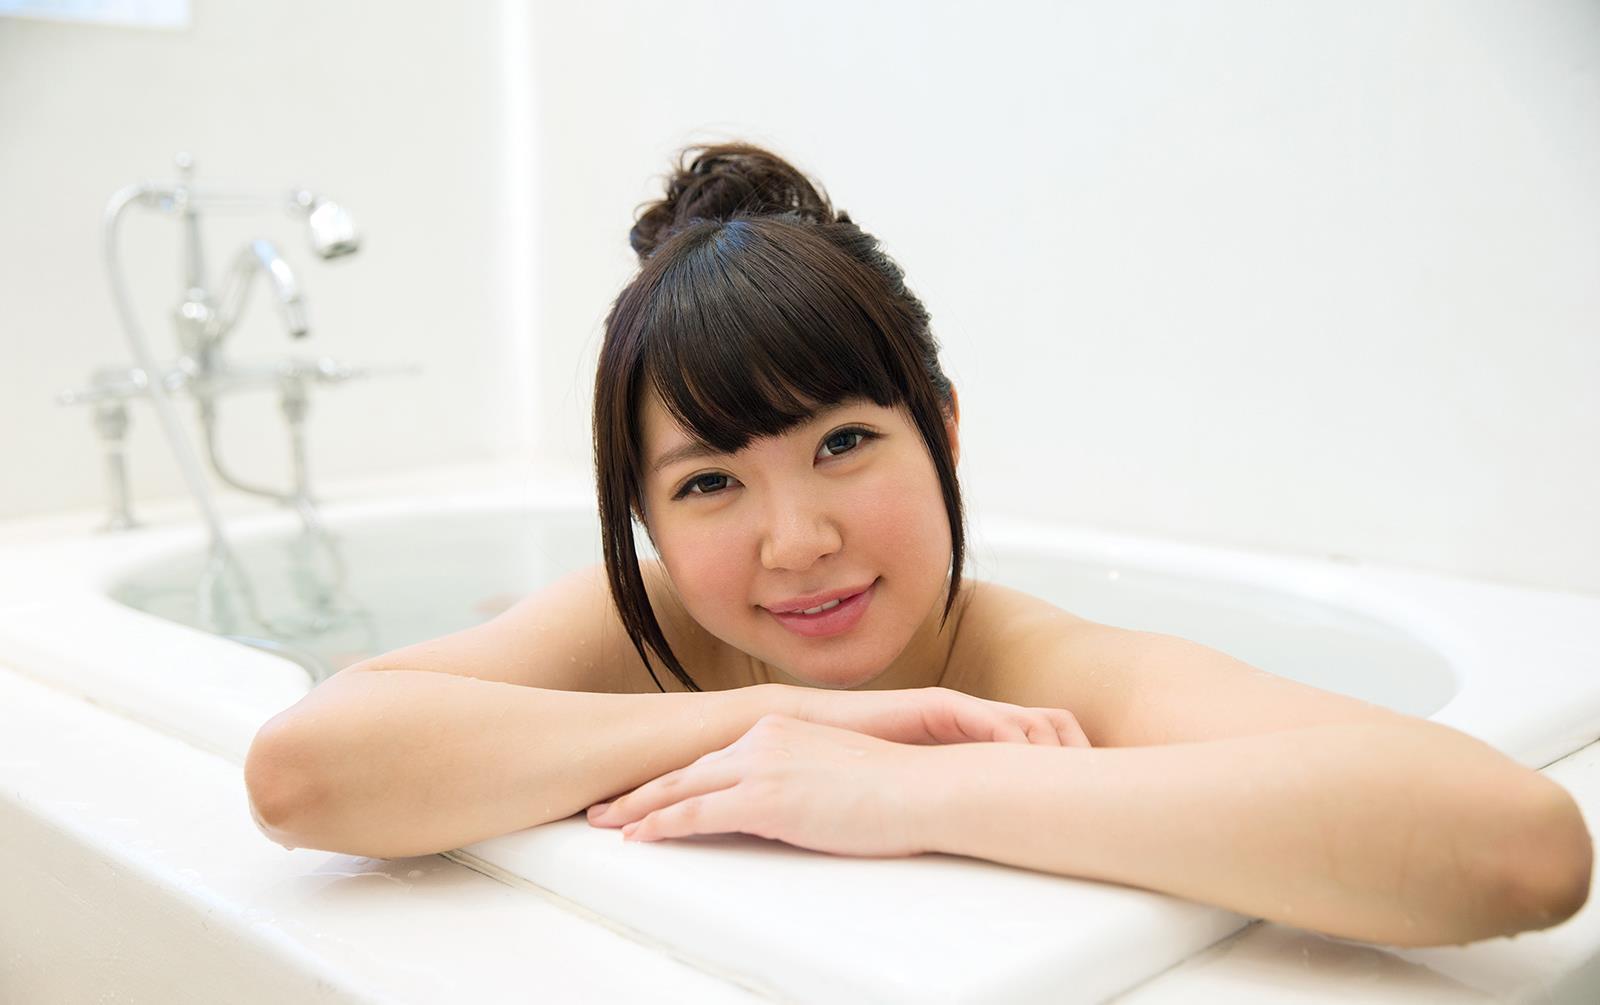 逢坂はるな(成瀬理沙)画像 115